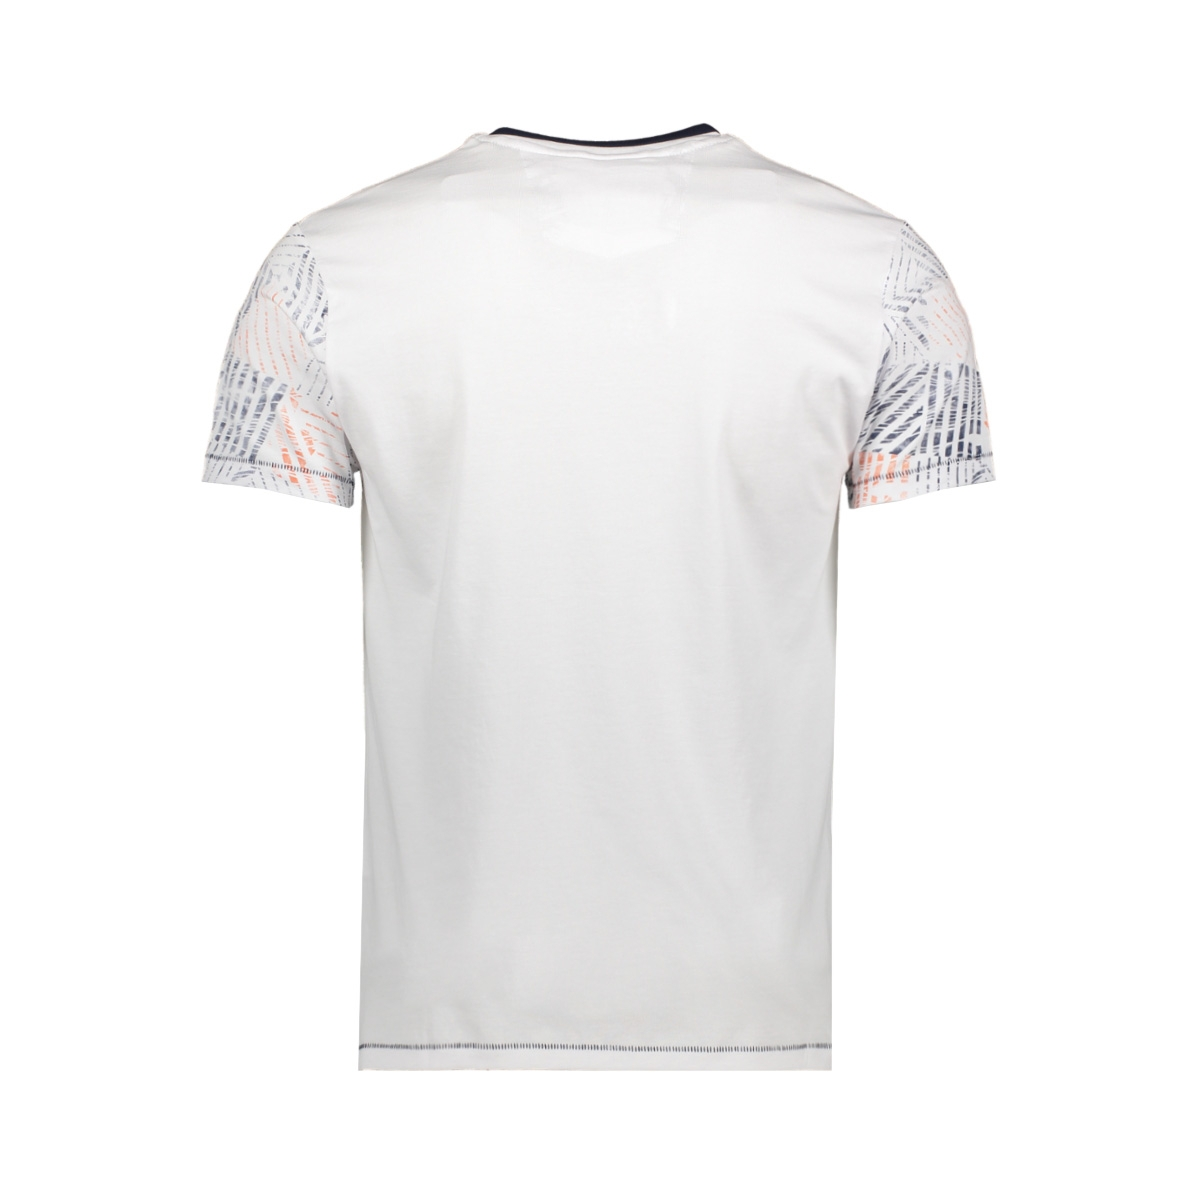 t shirt 15201 gabbiano t-shirt white